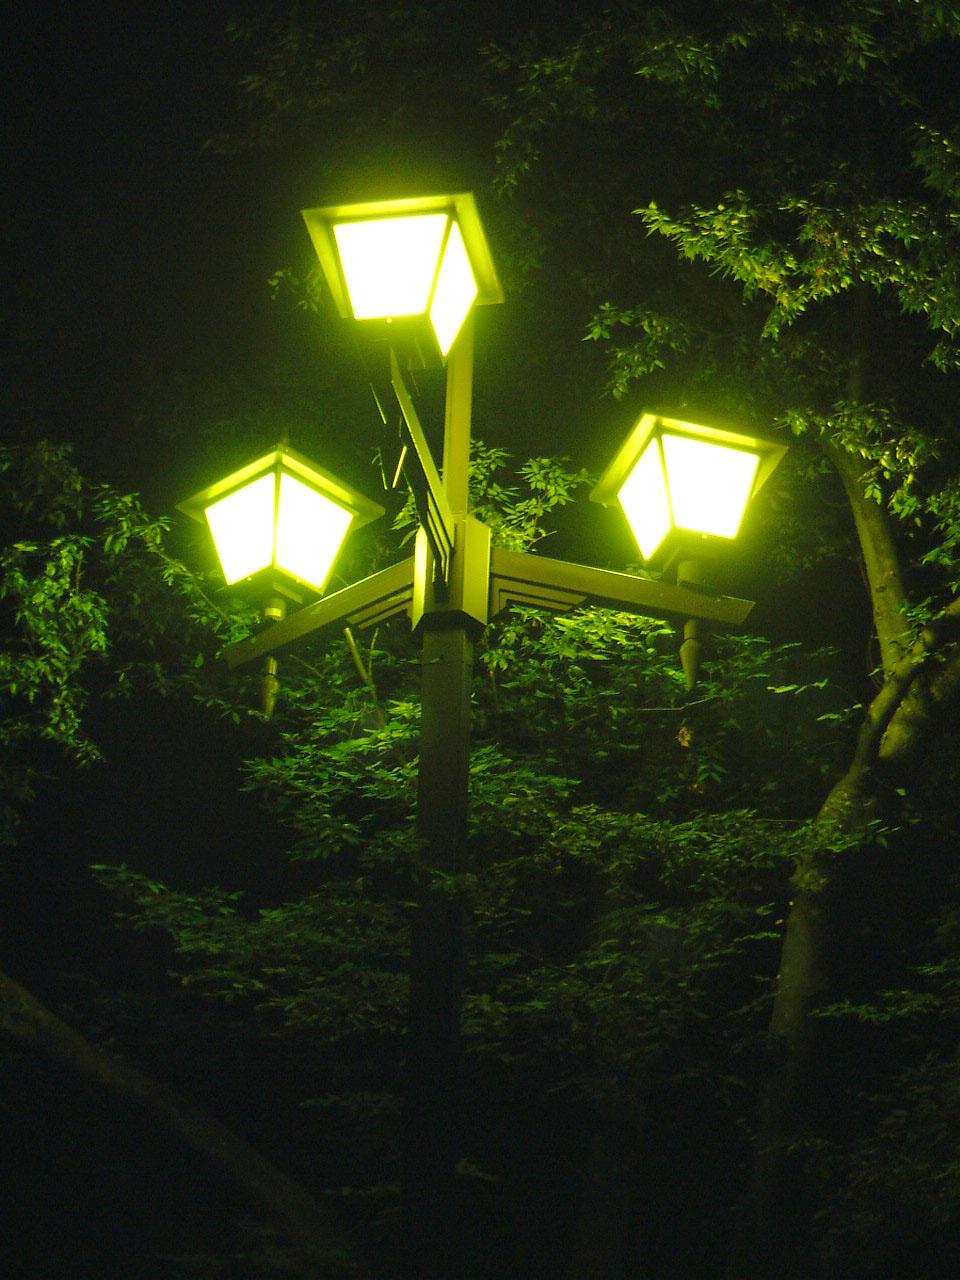 13.和田みつひと「光のかたち」公園灯プロジェクト